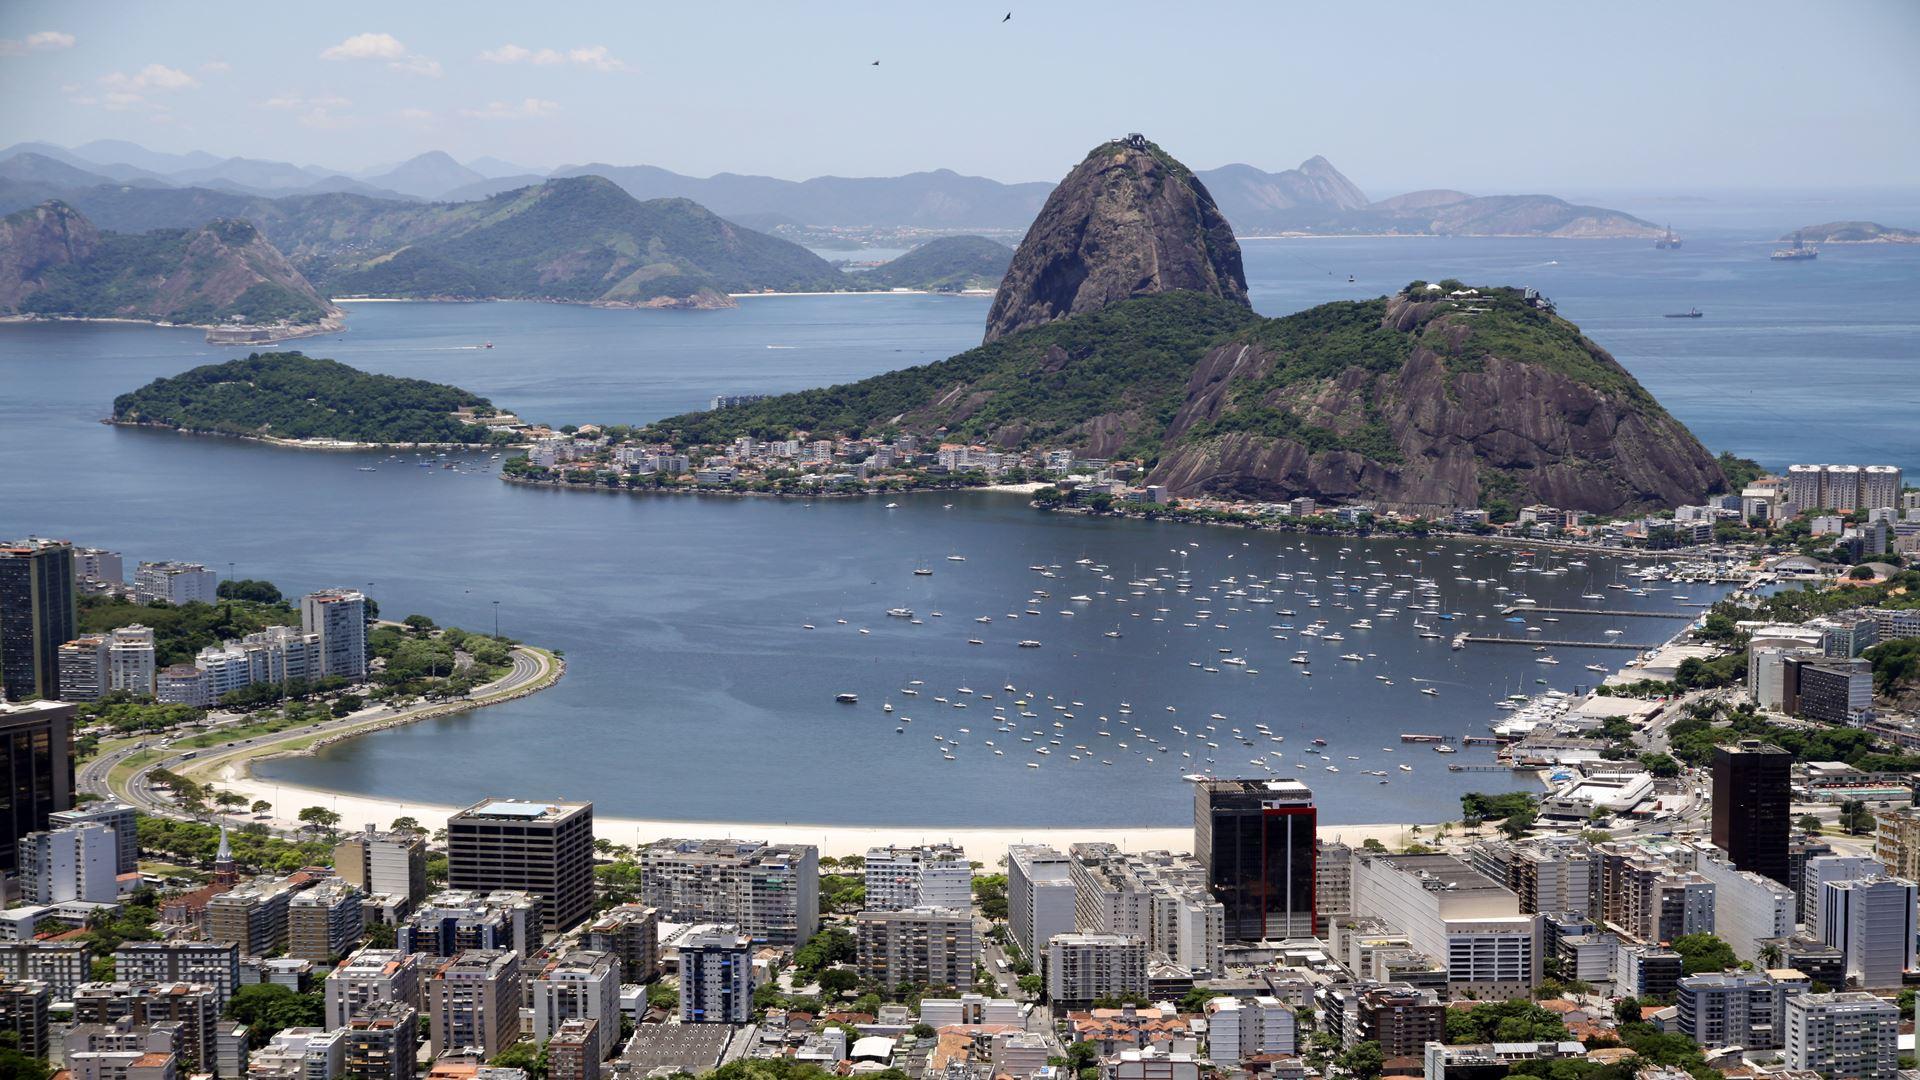 Rio de Janeiro, Foz do Iguaçu, Salvador und Manaus